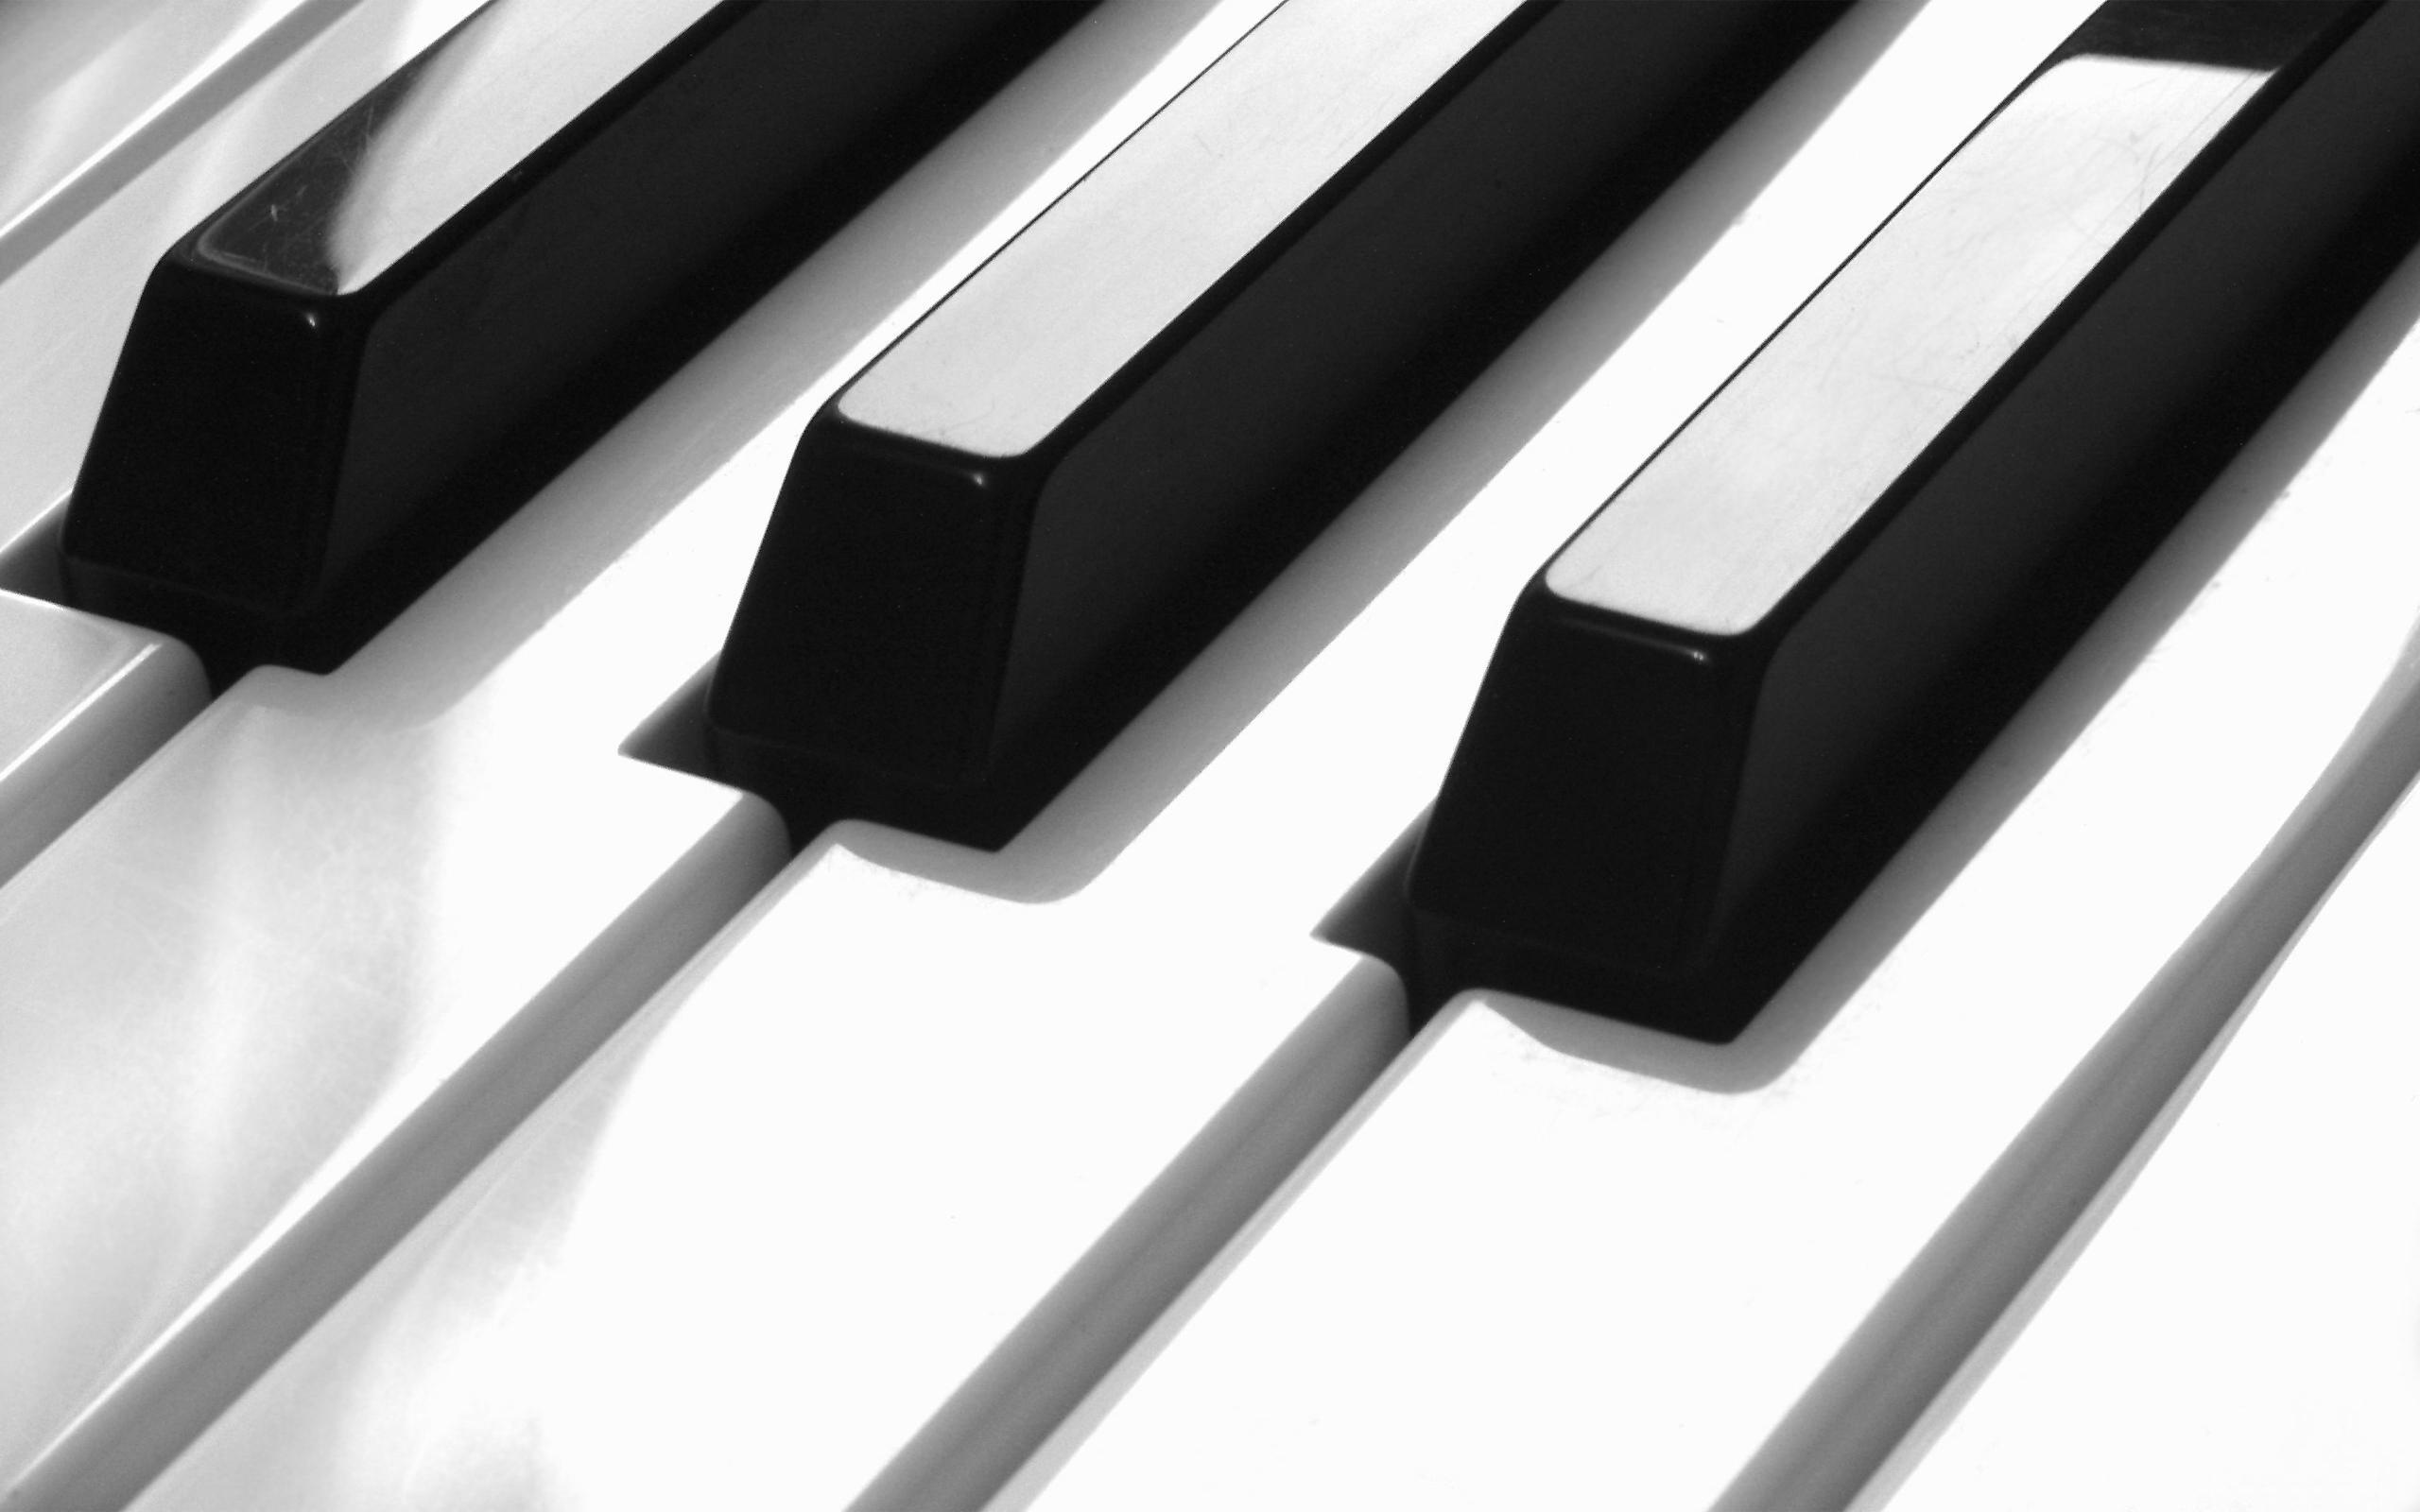 579922-piano-keys